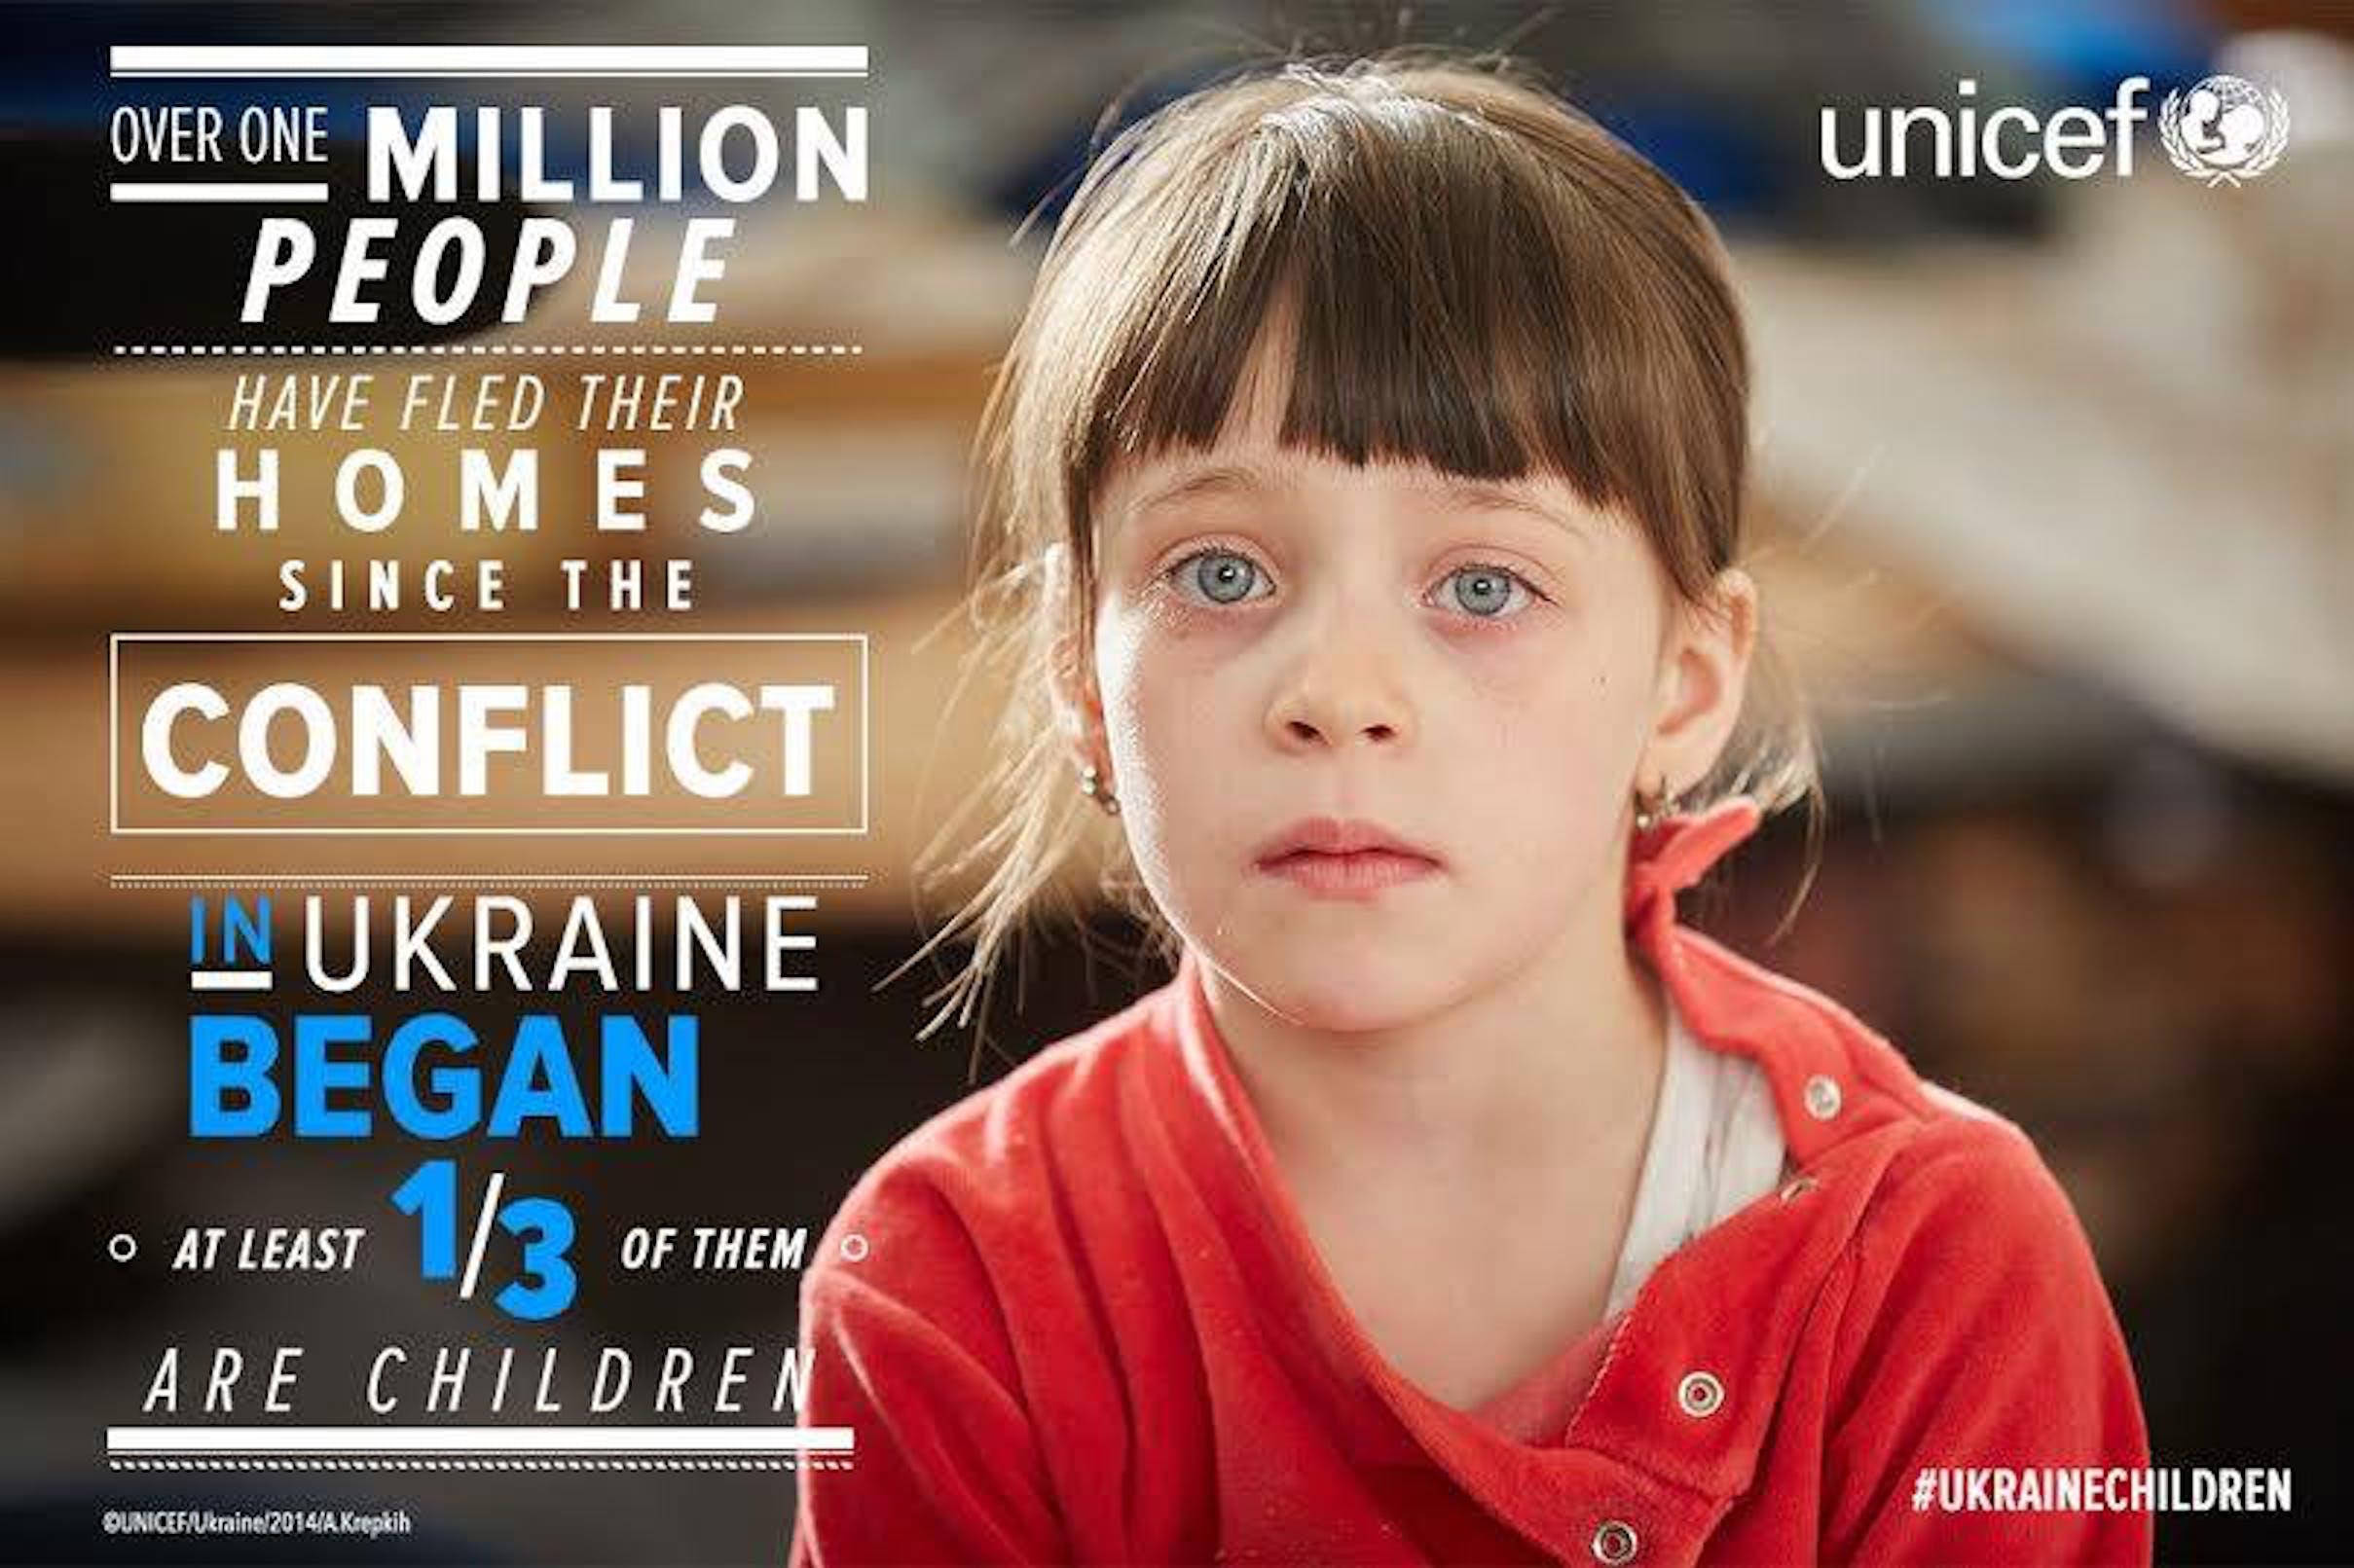 In Ucraina, un milione di sfollati ha dovuto abbandonare la propria casa per il conflitto, un terzo degli sfollati sono minori